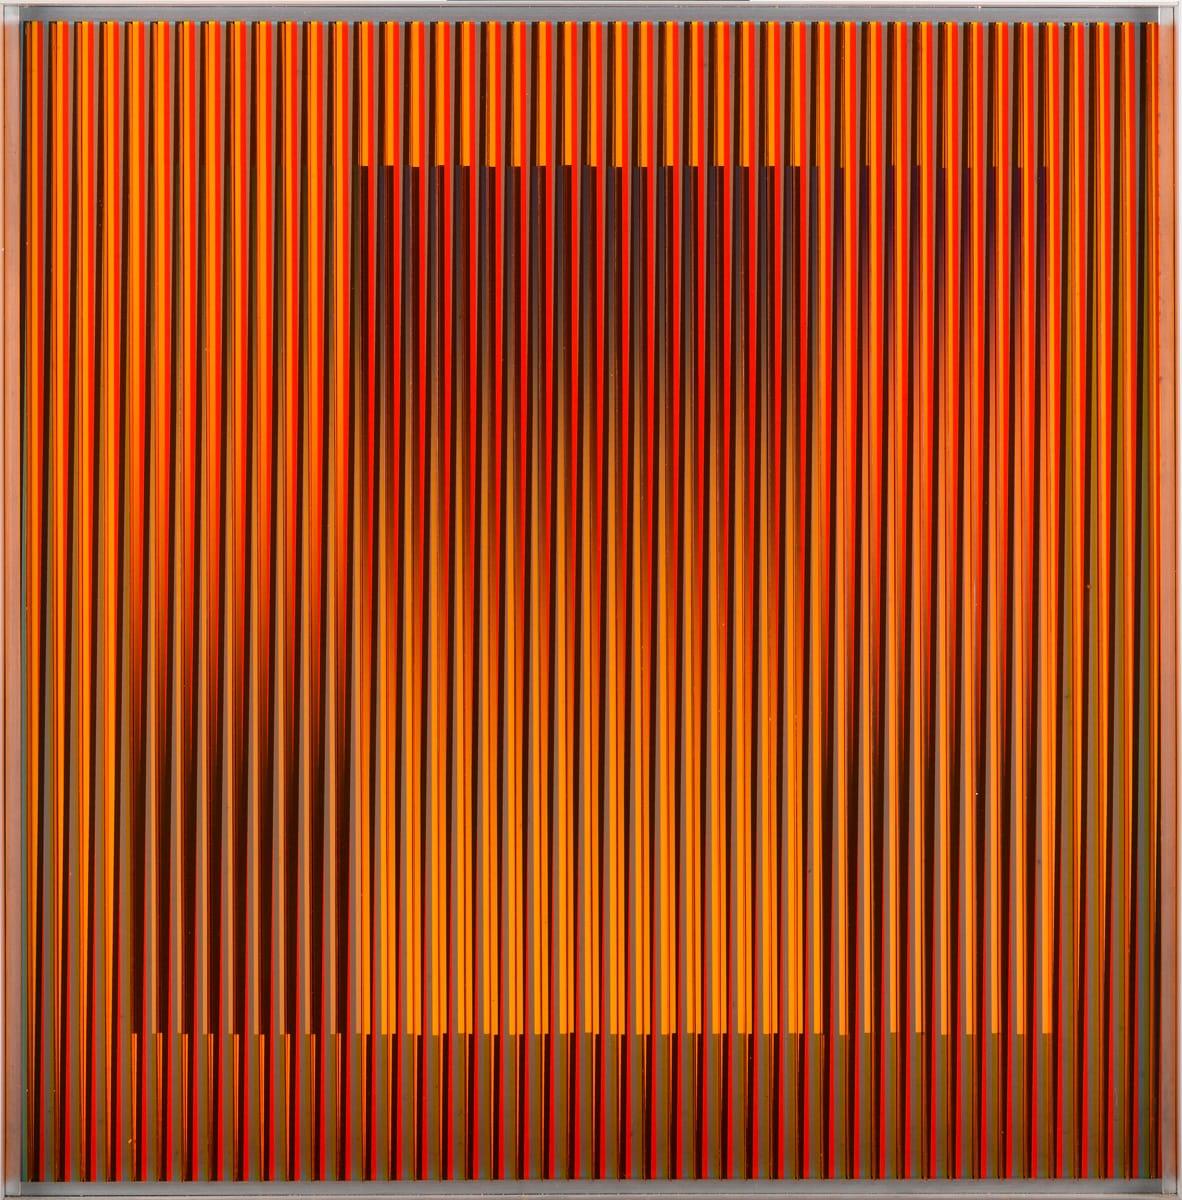 Vente Art Moderne & Contemporain  chez Casa de Subastas Odalys : 114 lots